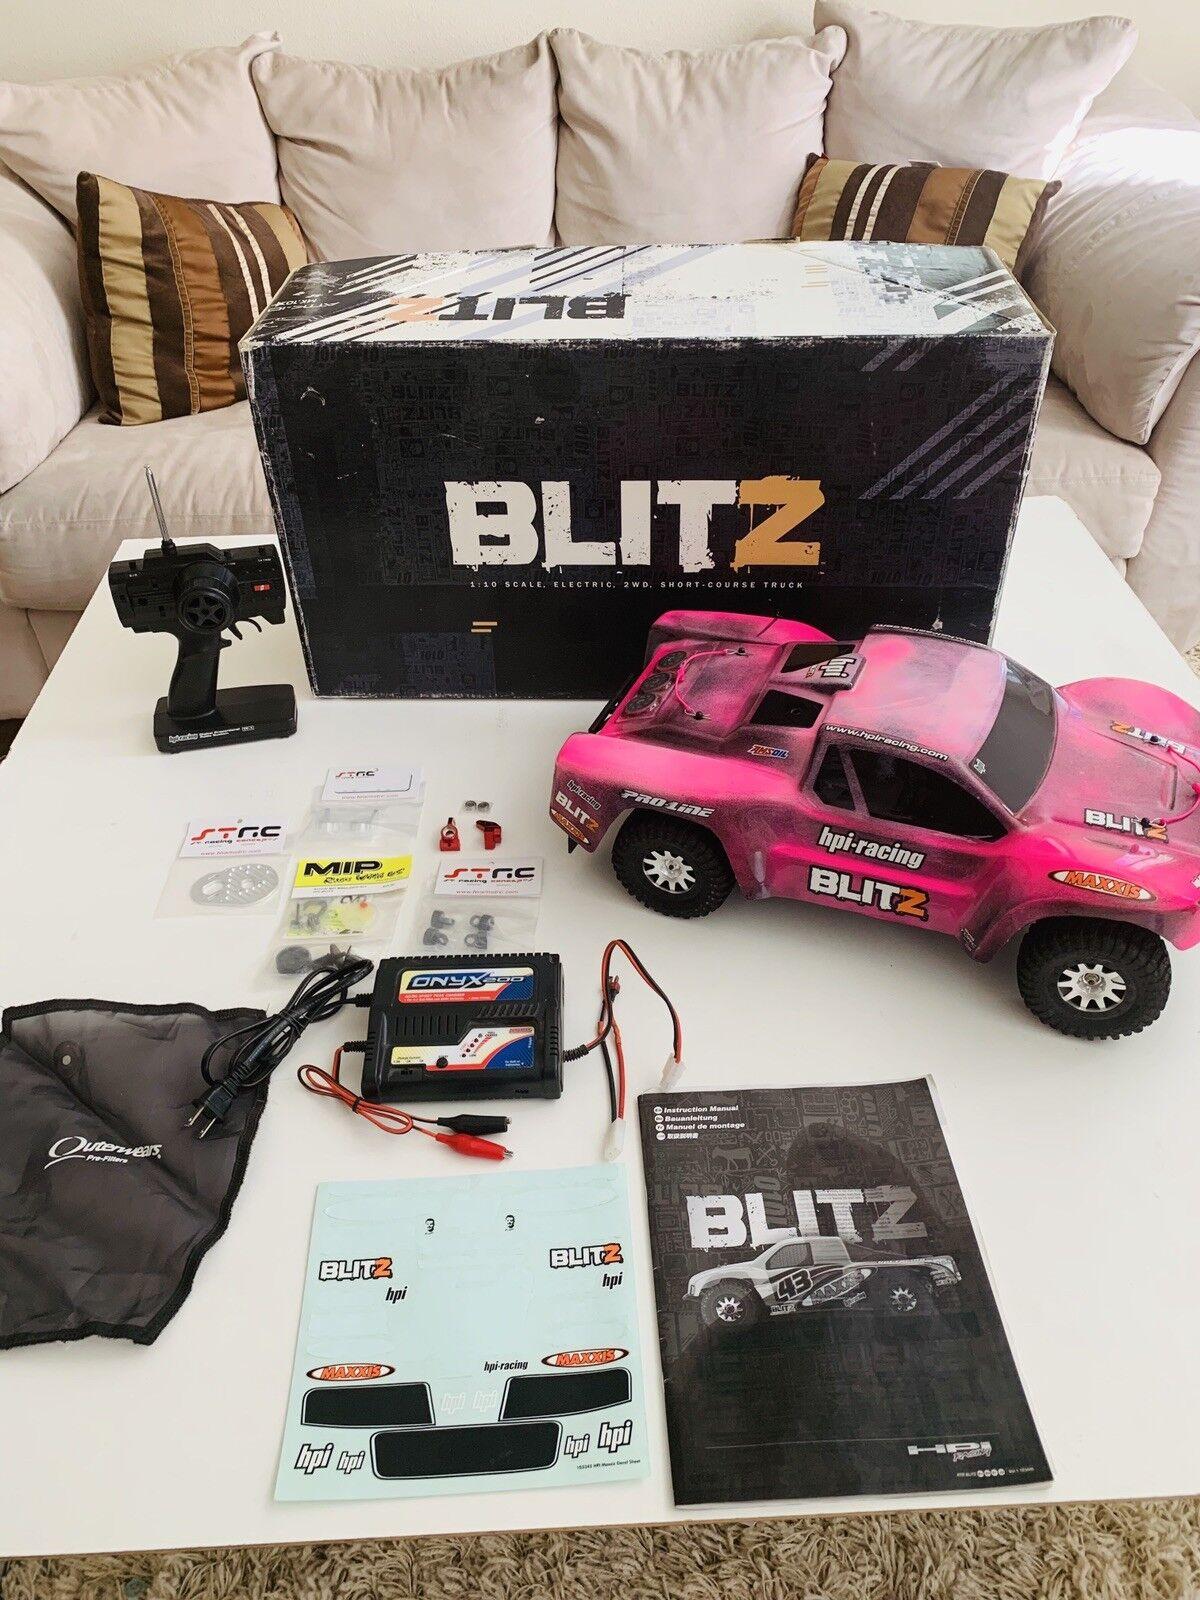 HPI BLITZ SCT 1 10 med extra RTR-nya delar, Egen kropp, Truck korts Rc